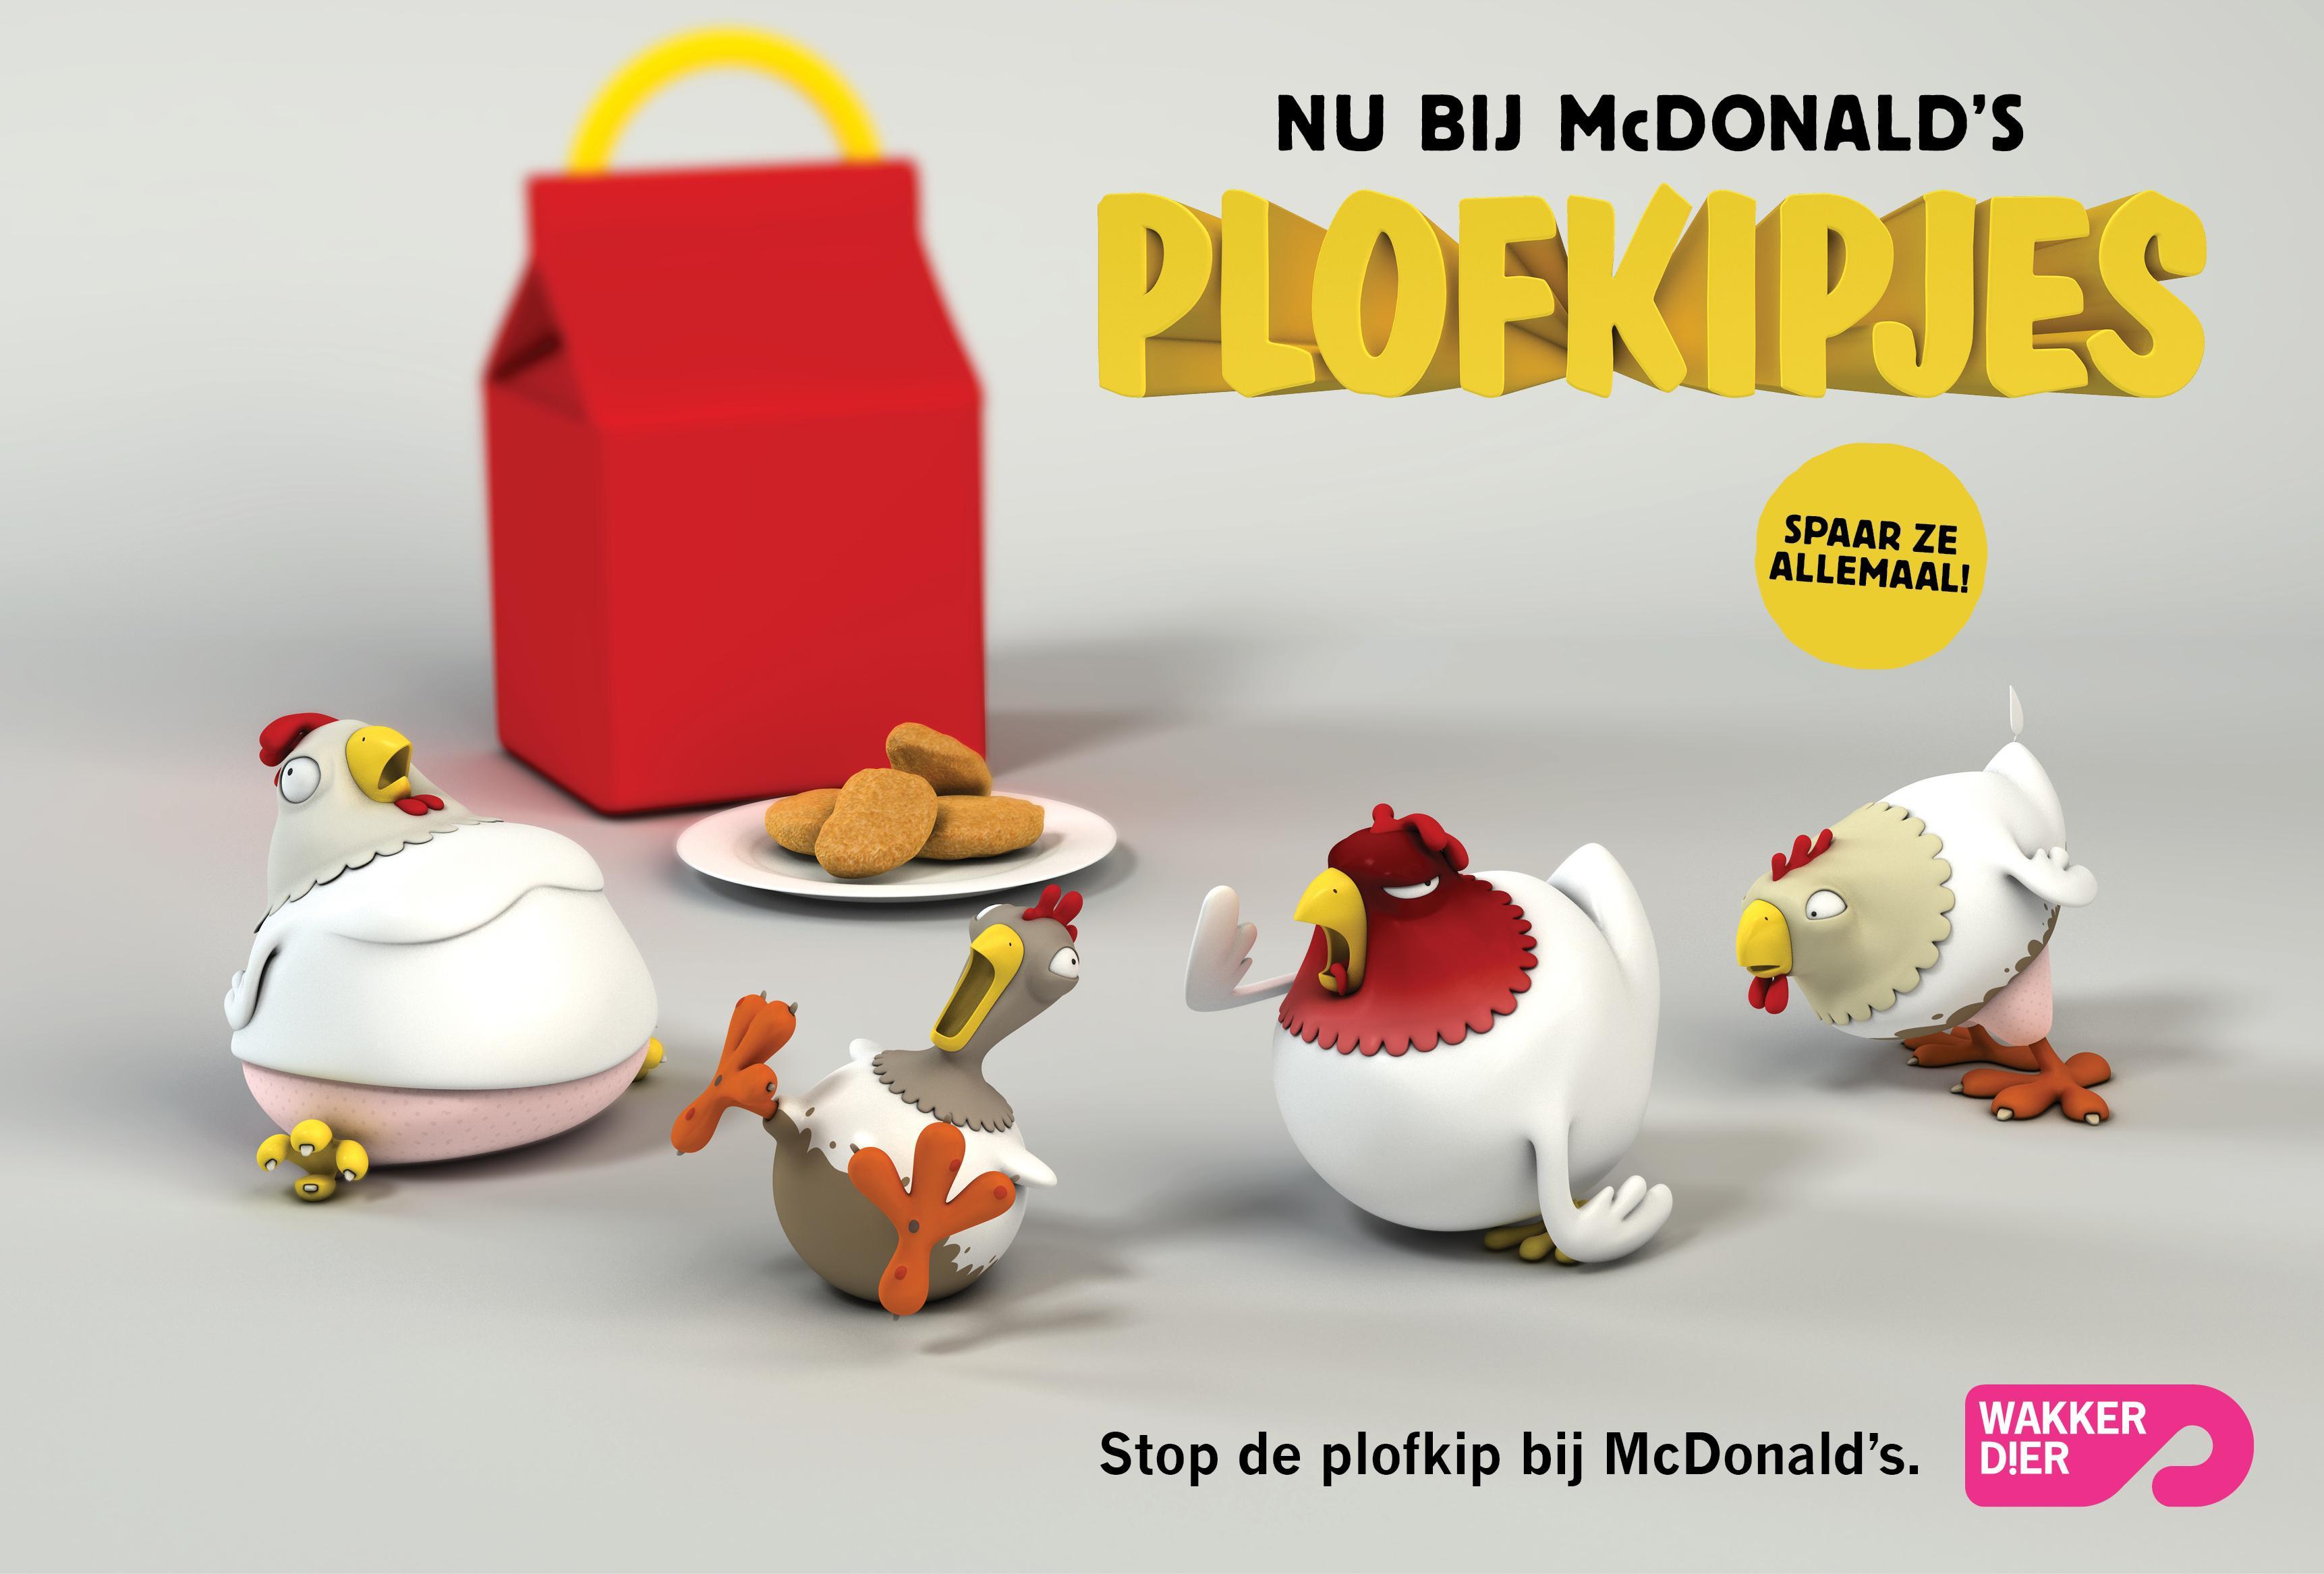 Waarom MacDonald's juist nu 'plofkipjes' in haar Happy Meals moet stoppen